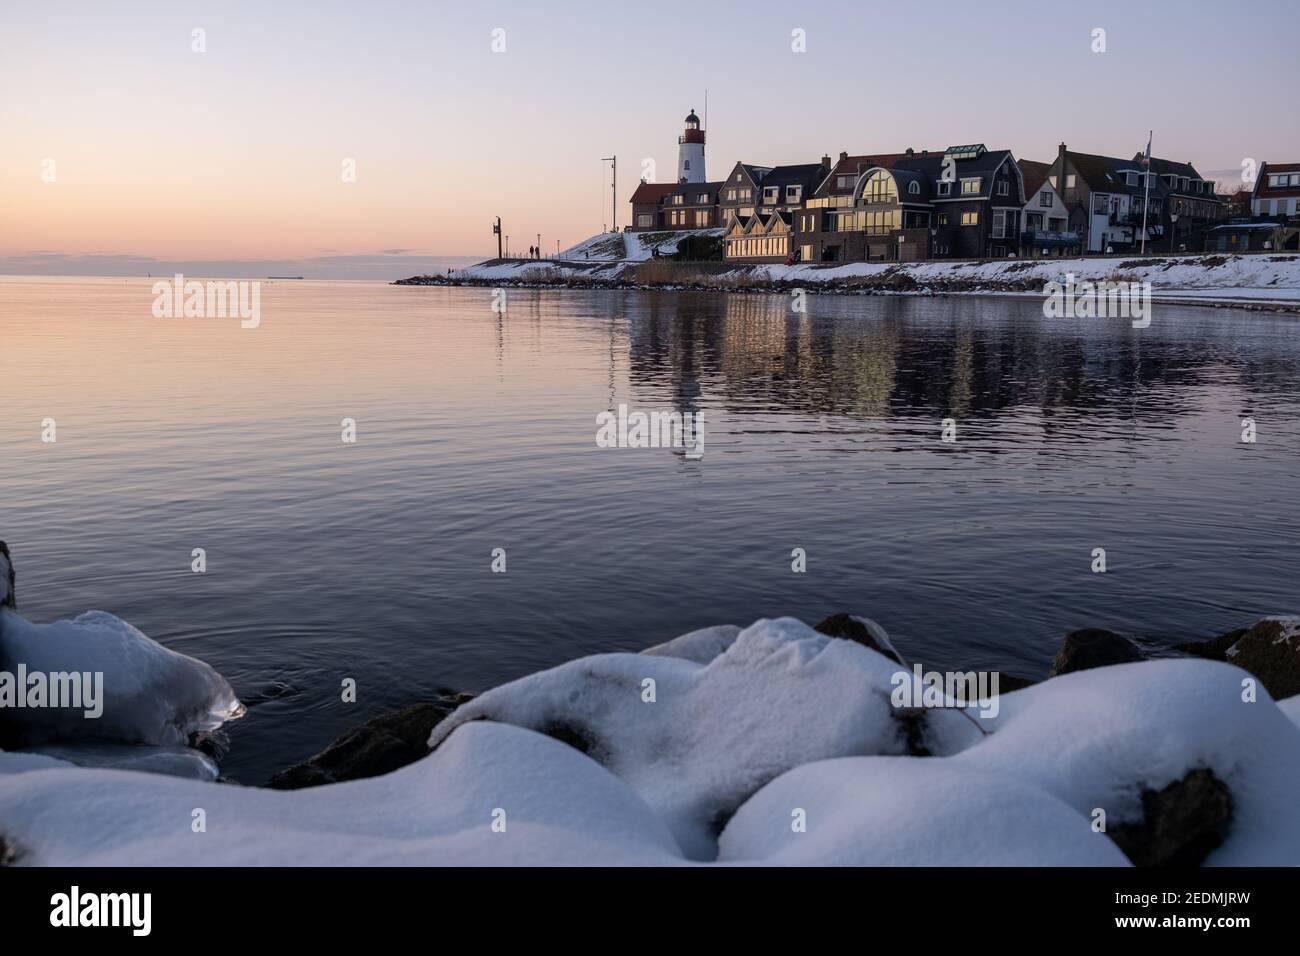 Plage couverte de neige pendant le wnter par le phare d'Urk aux pays-Bas. Temps froid d'hiver aux pays-Bas Banque D'Images